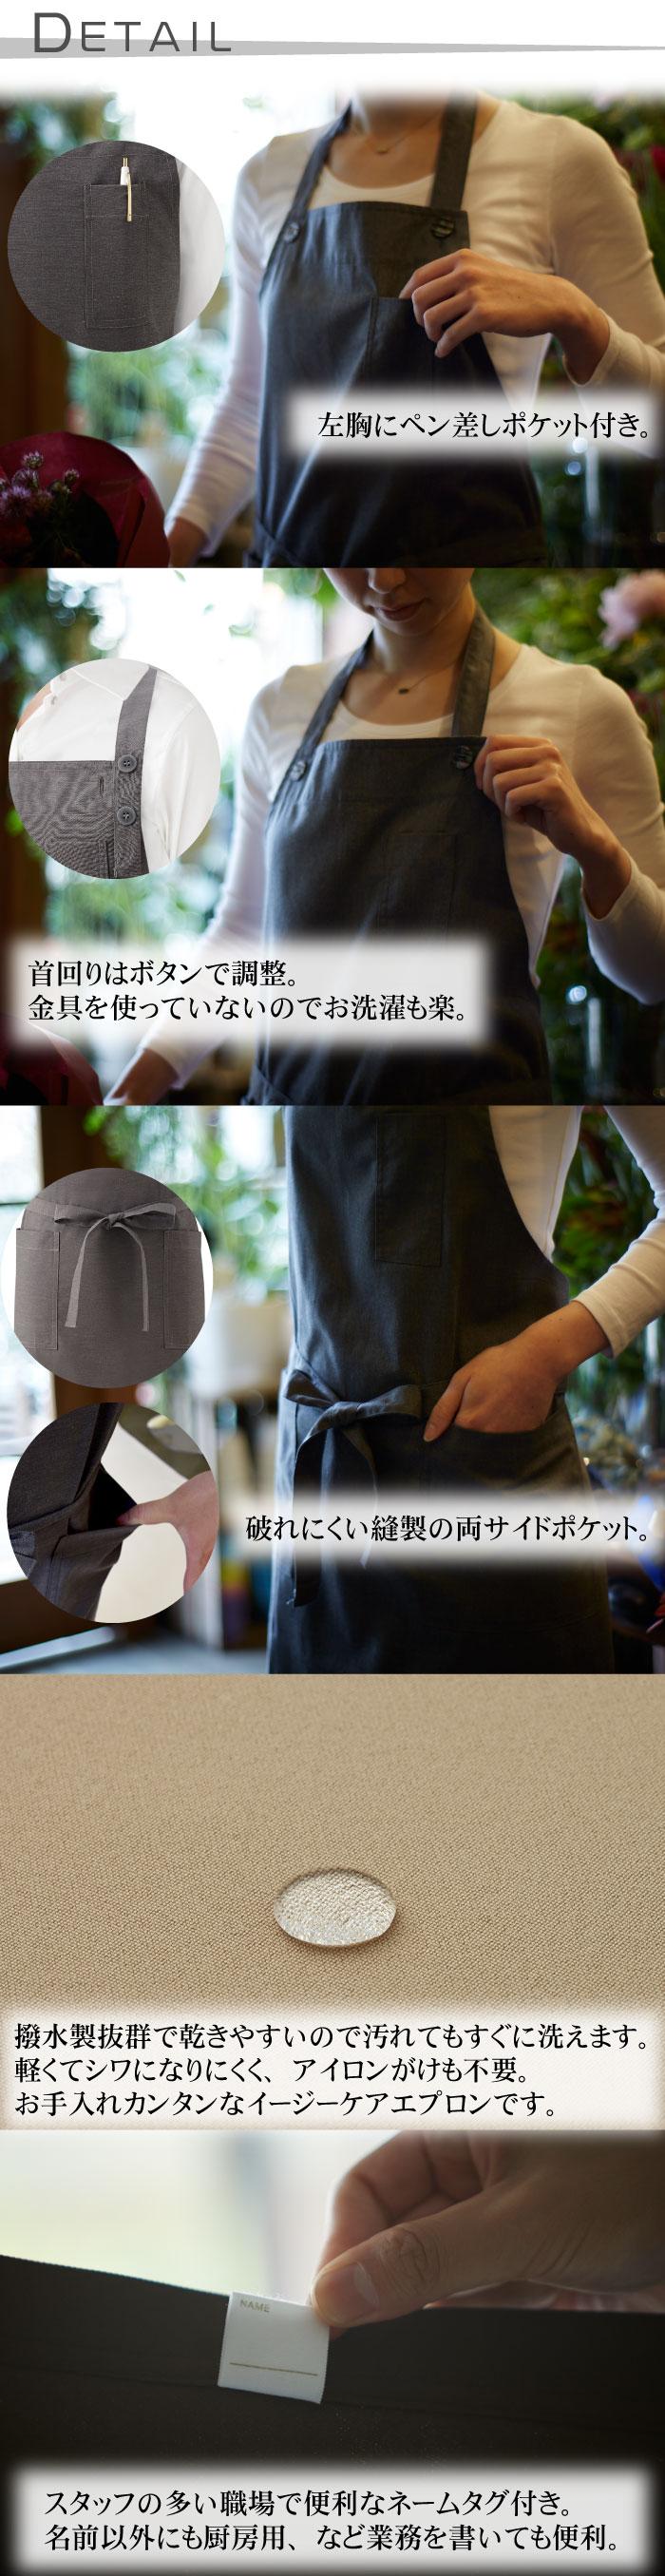 飲食店国産首かけエプロンKI750商品説明